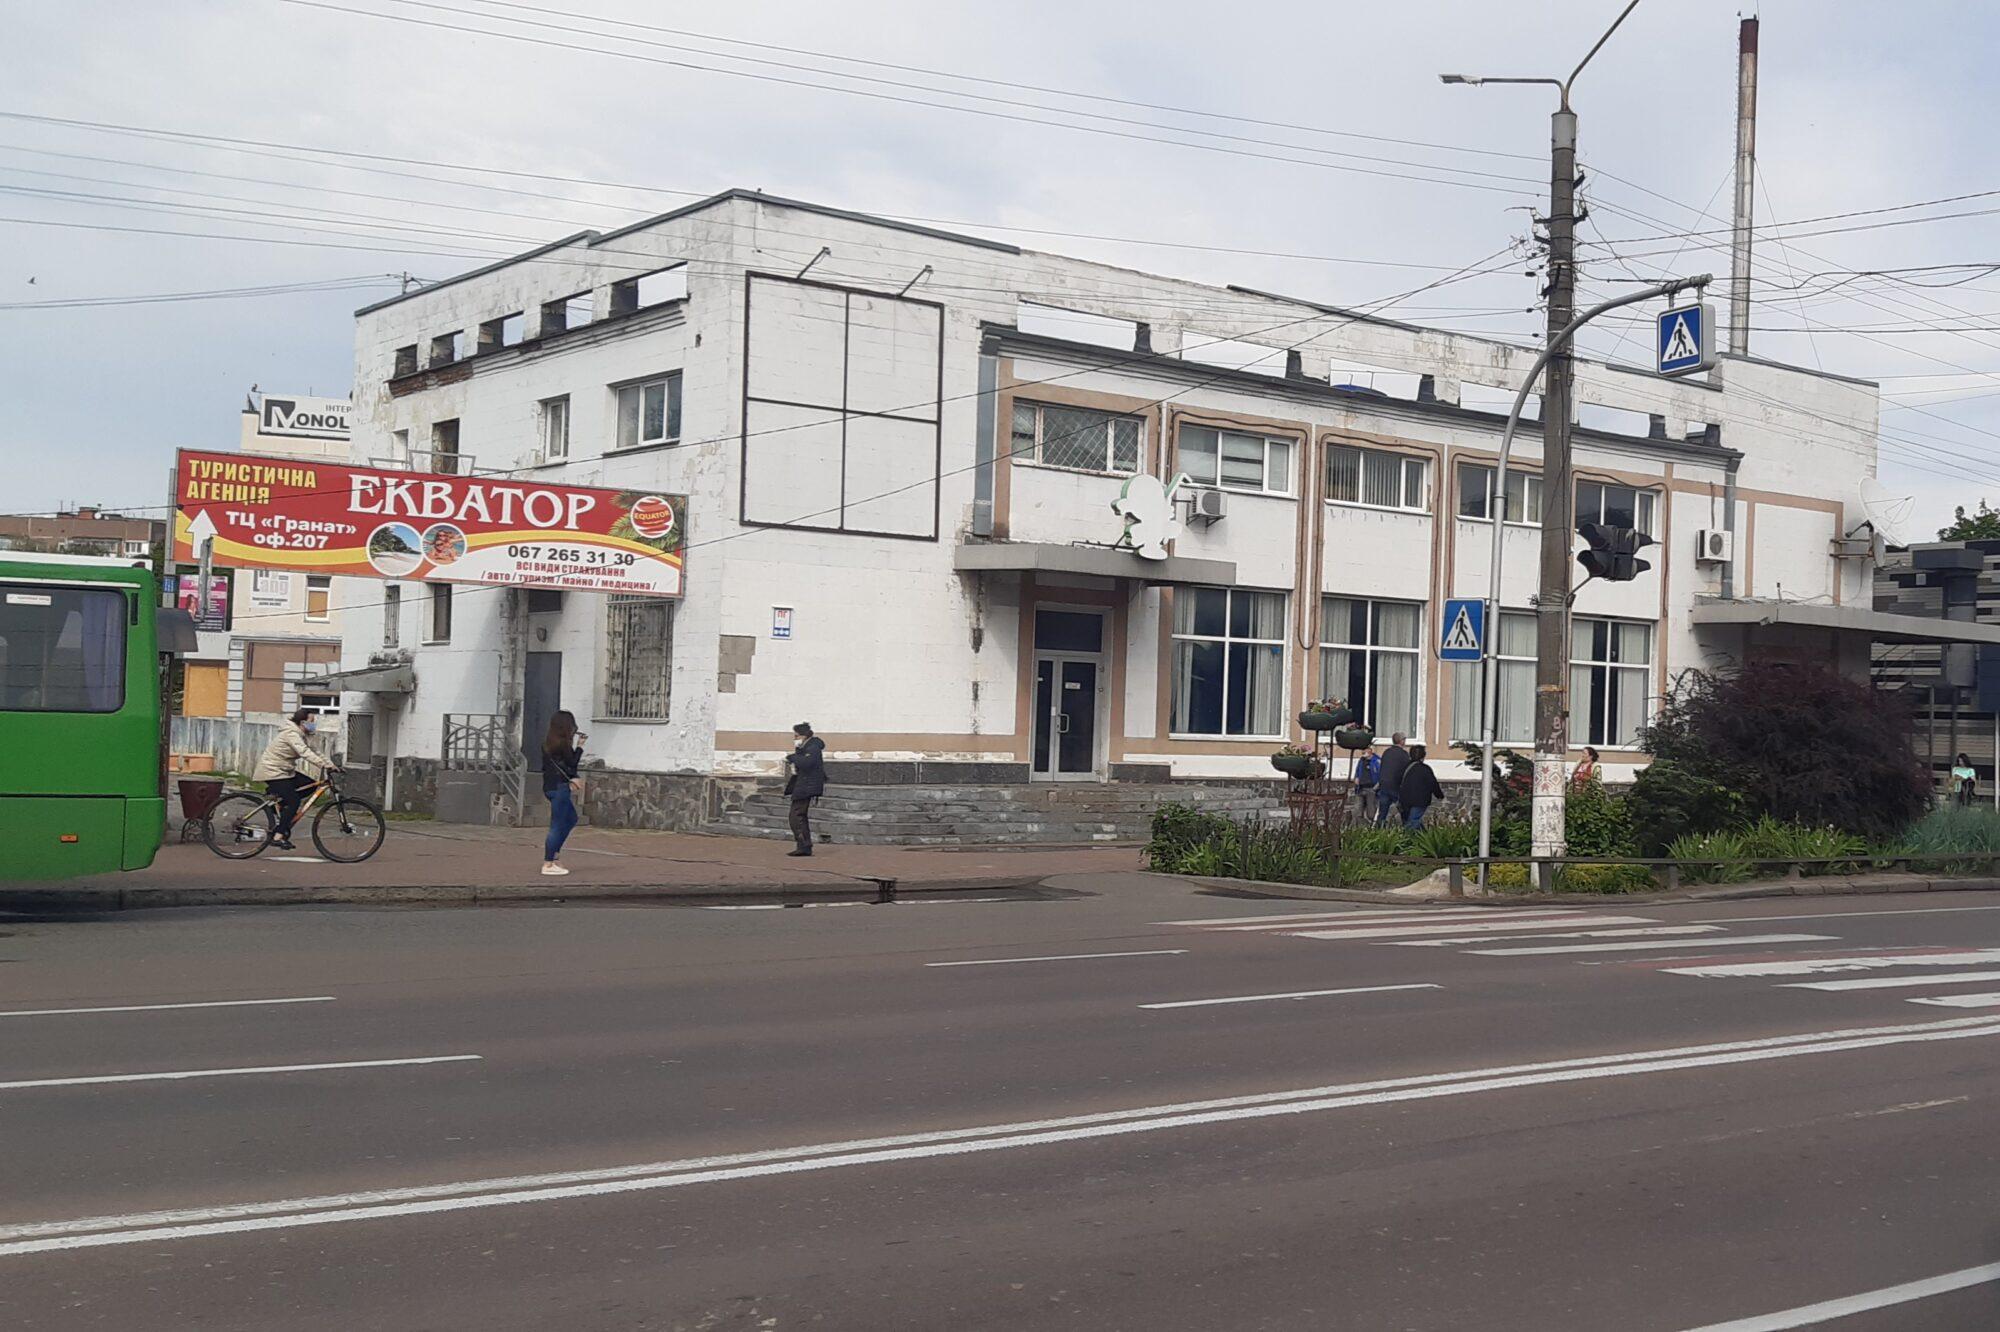 Закінчується реєстрація проєктів громадського бюджету міста Бориспіль -  - 20200605 164413 2000x1332